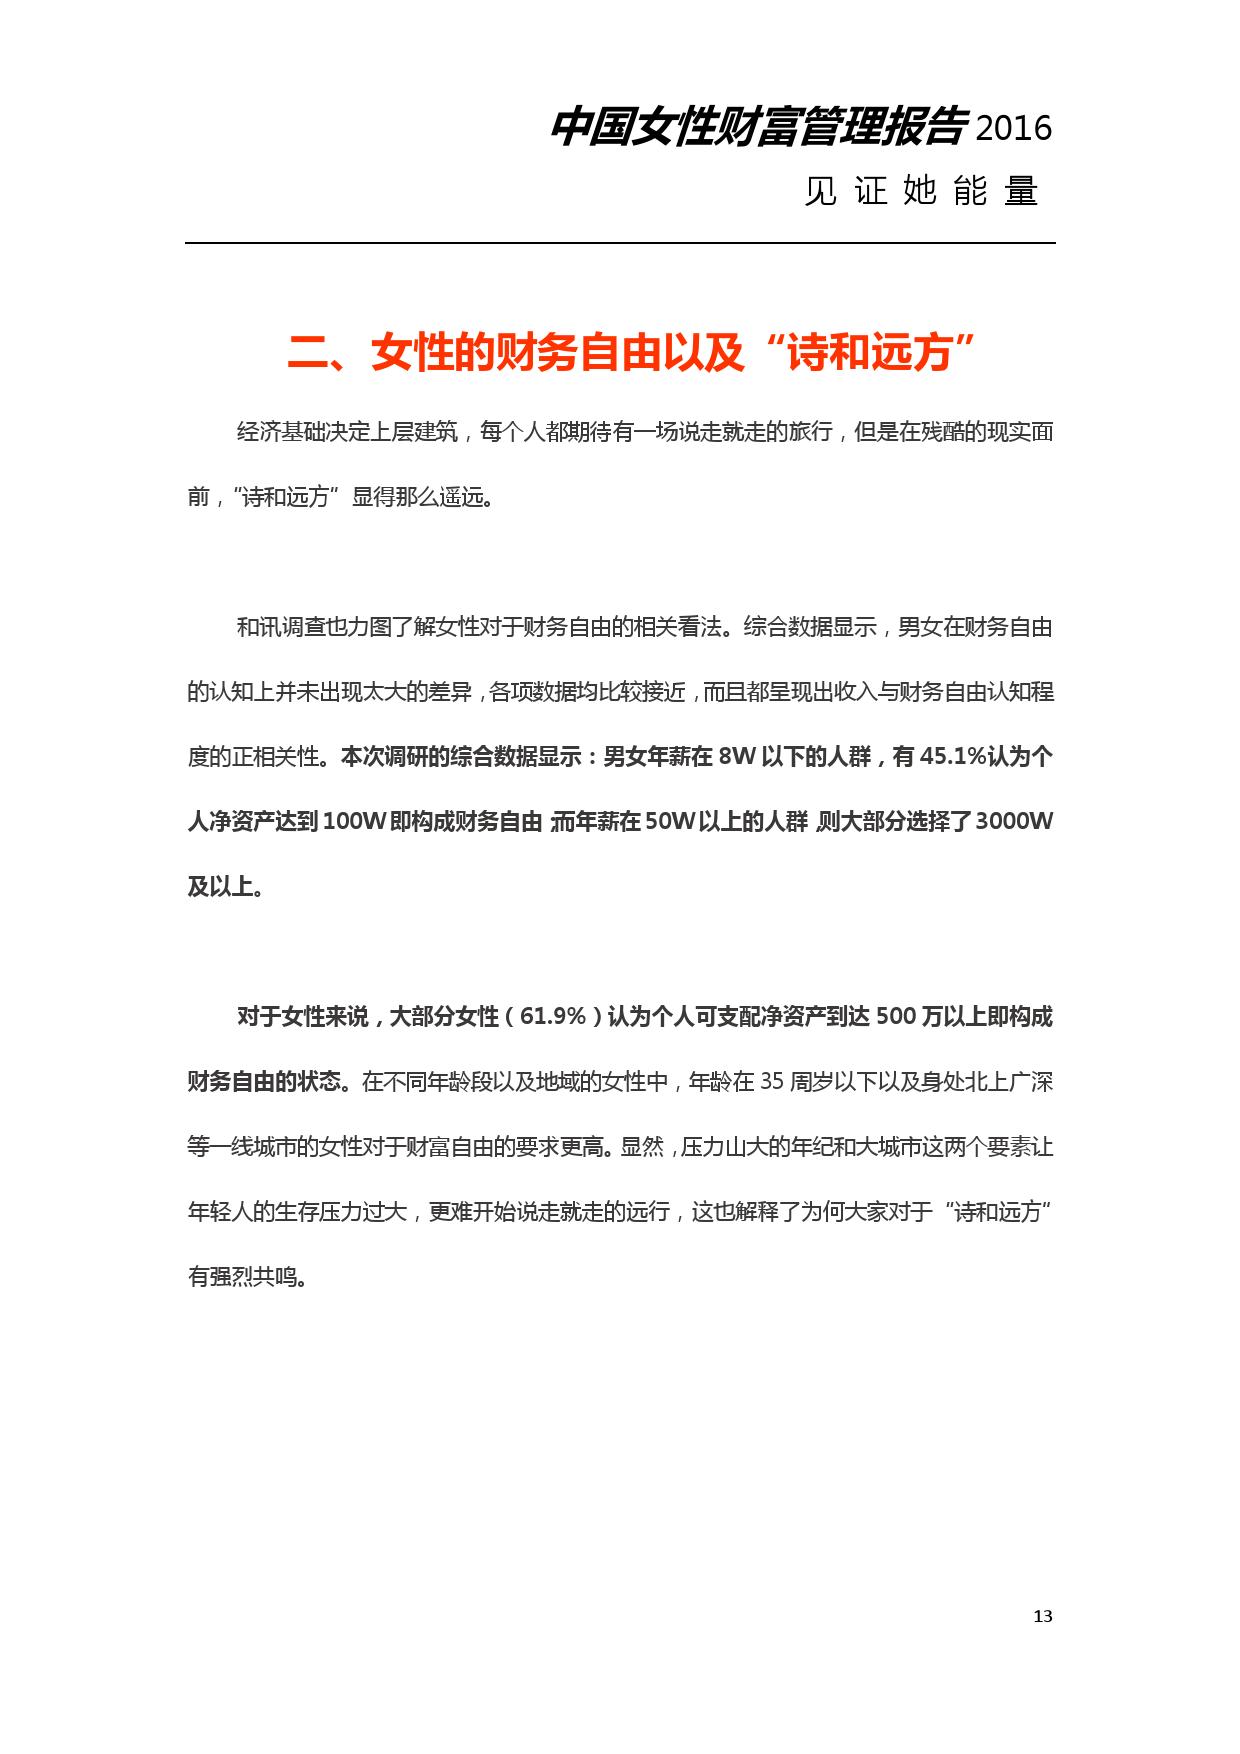 2016年中国女性财富管理报告_000013